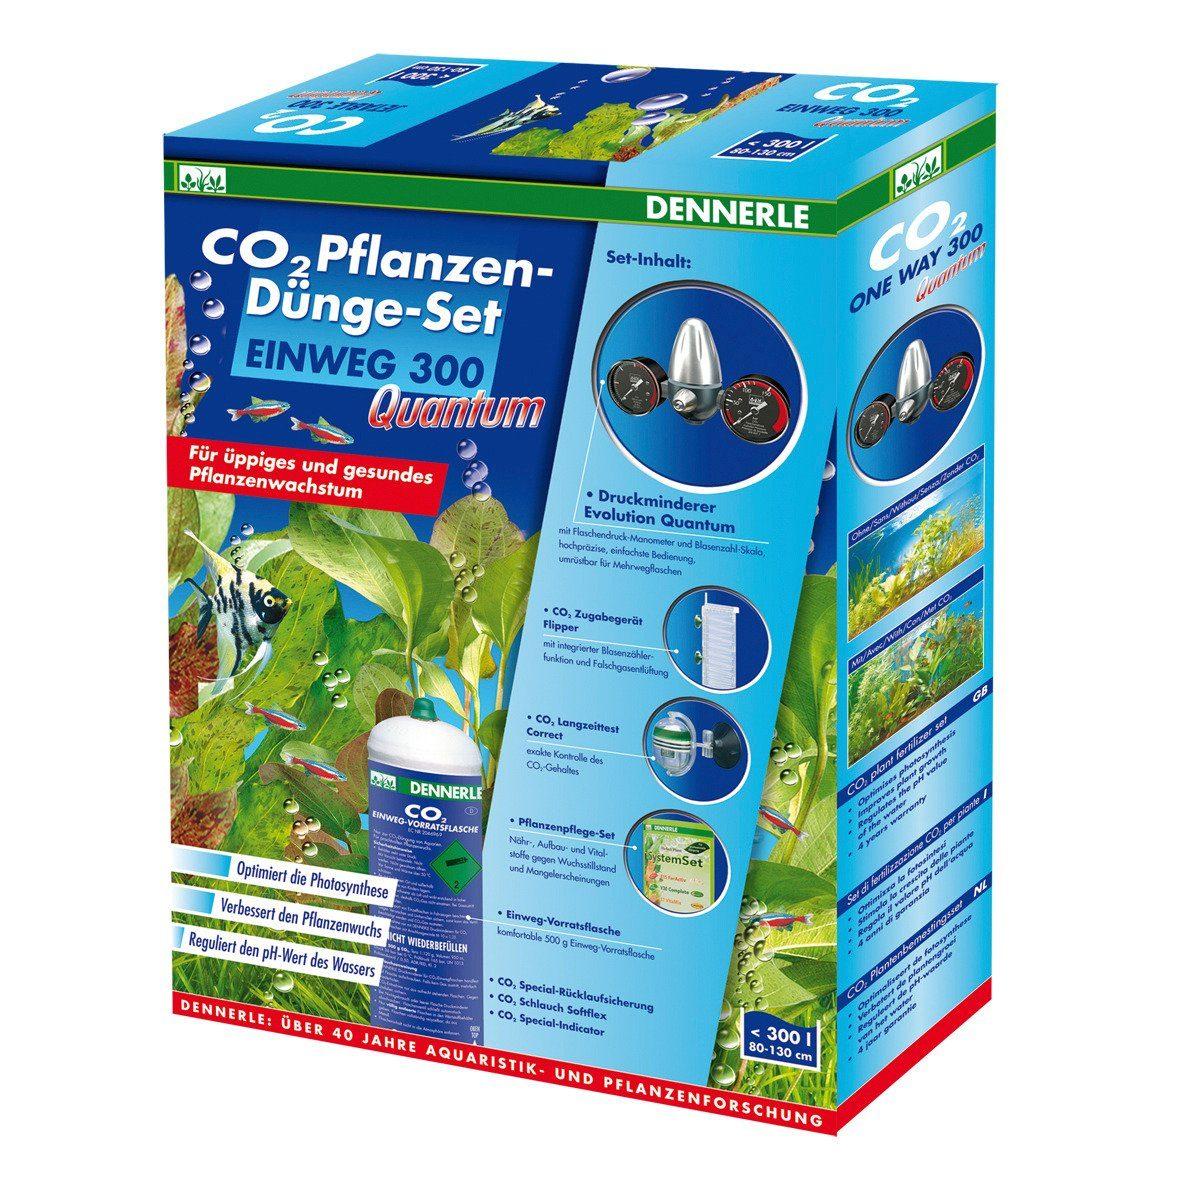 Dennerle Aquariumpflege »CO 2 Pflanzen-Dünge-Set Einweg 300«